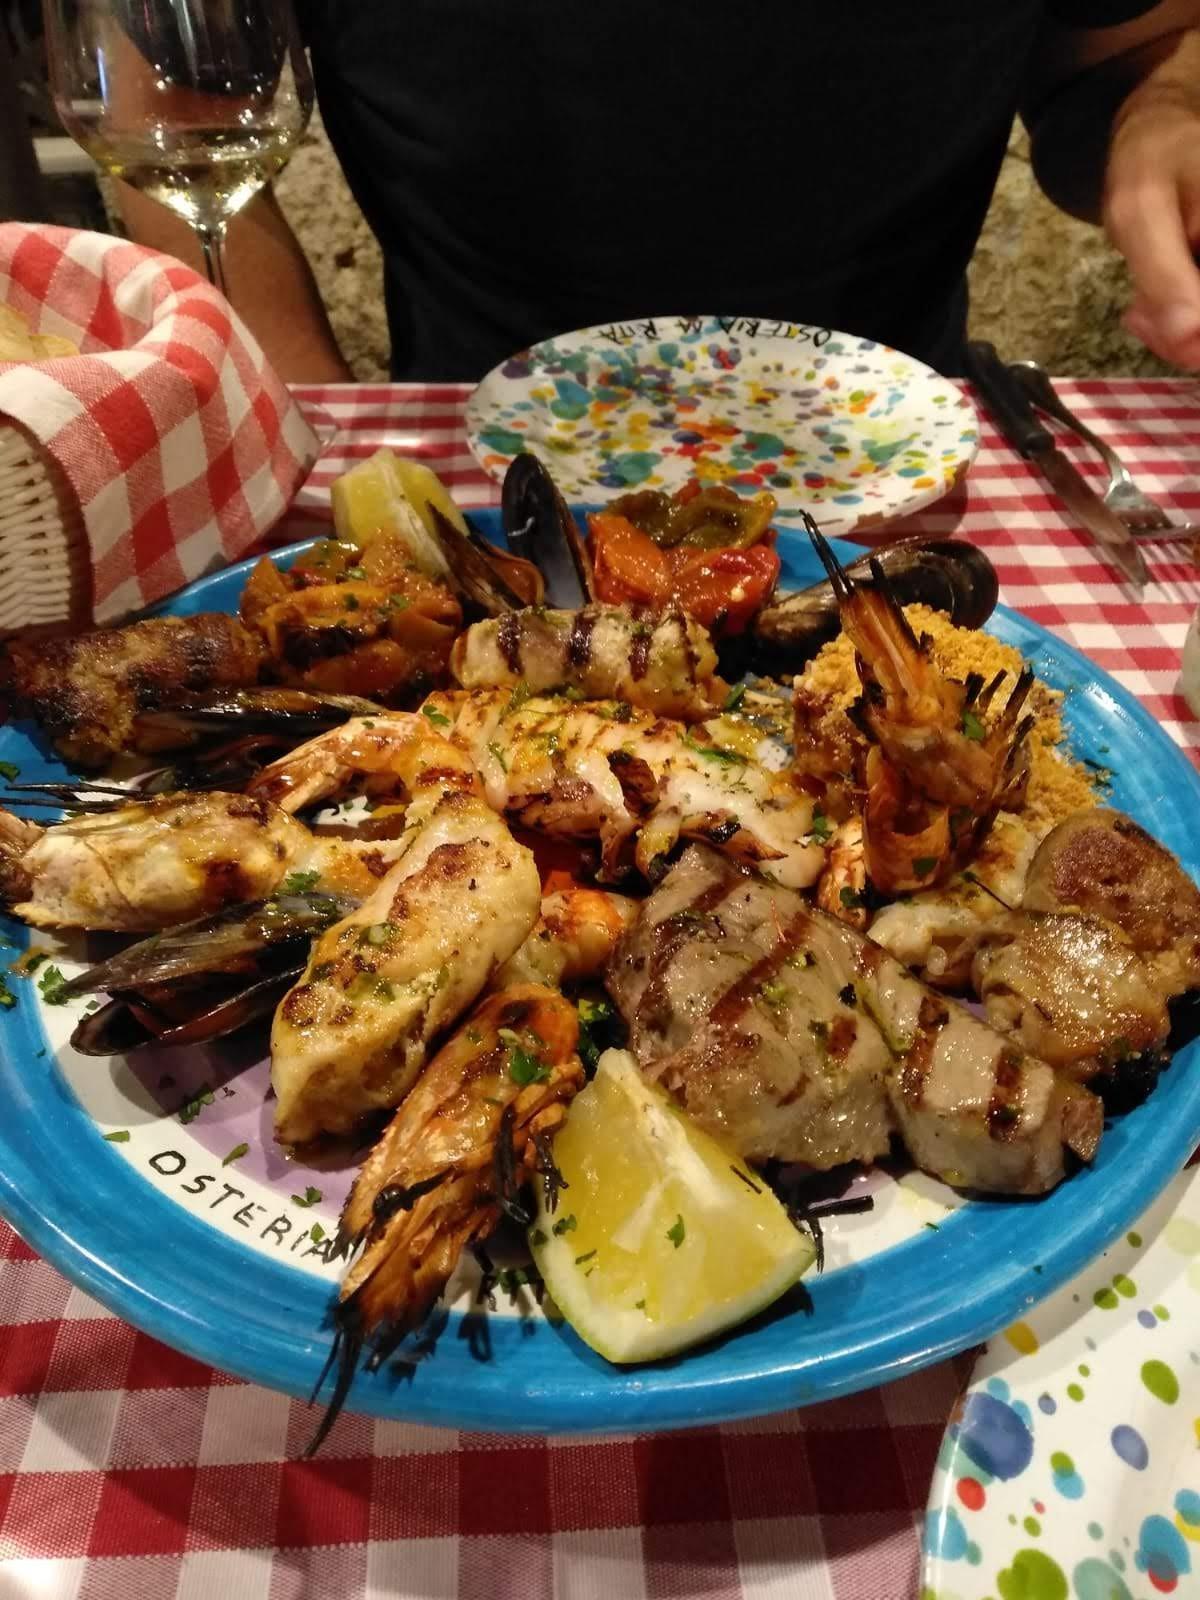 A seafood platter at Osteria da Rita